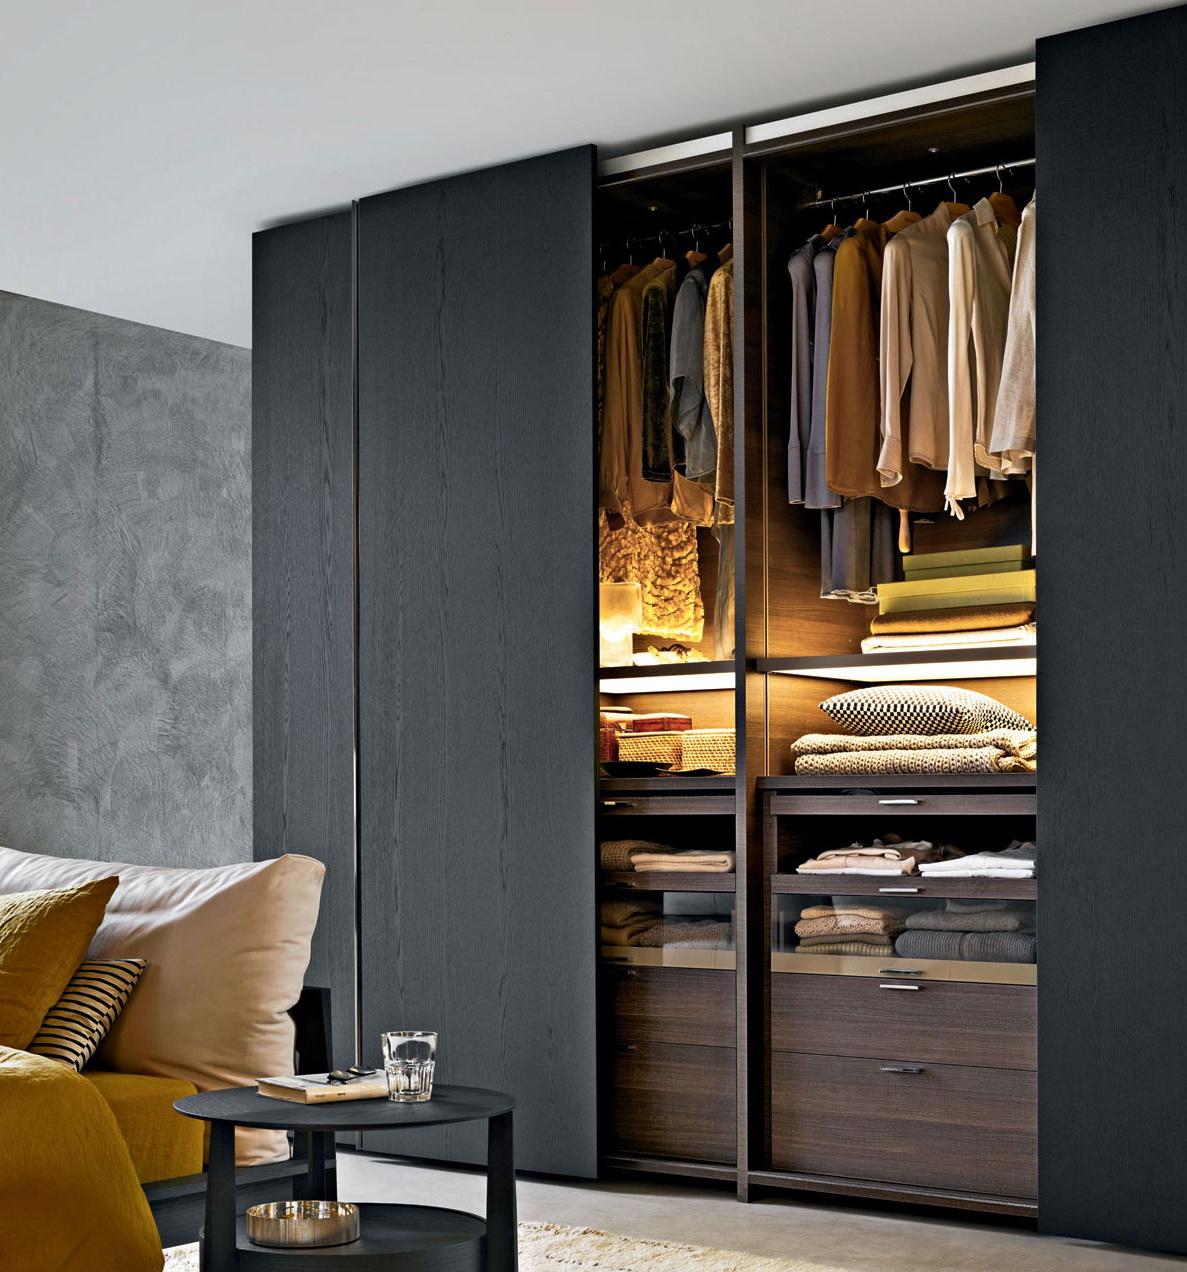 Подсветка в гардеробе - незаменимая вещь, ускорит поиски нужных вам вещей